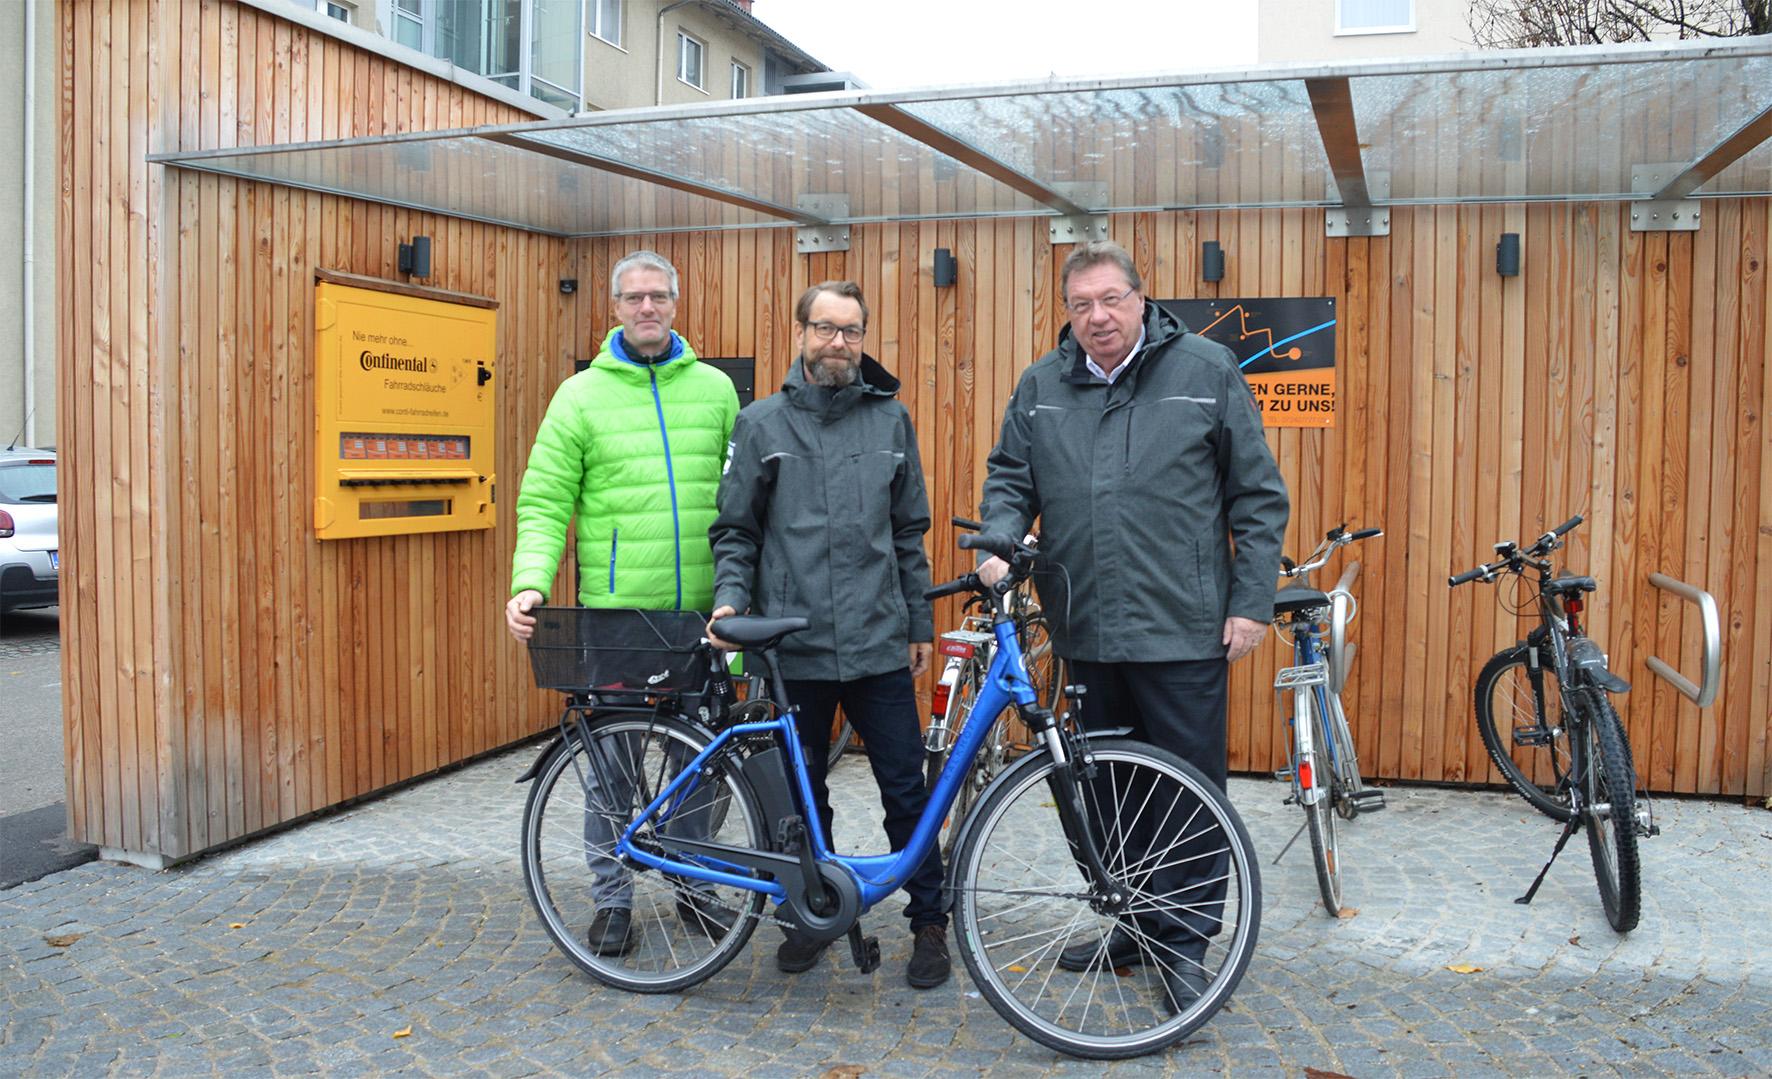 Männer mit Fahrrad